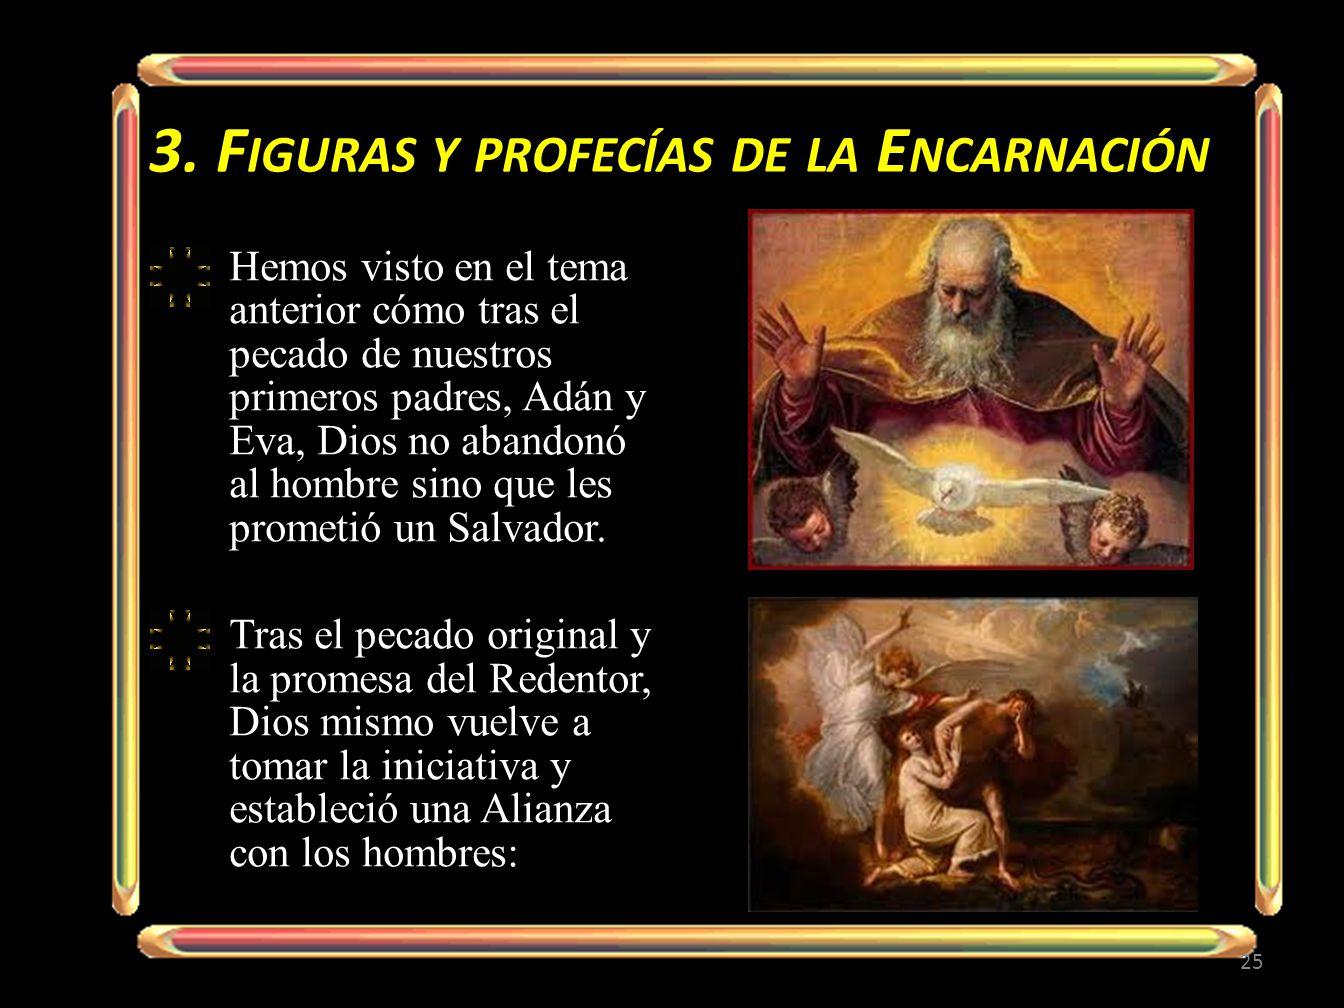 3. Figuras y profecías de la Encarnación